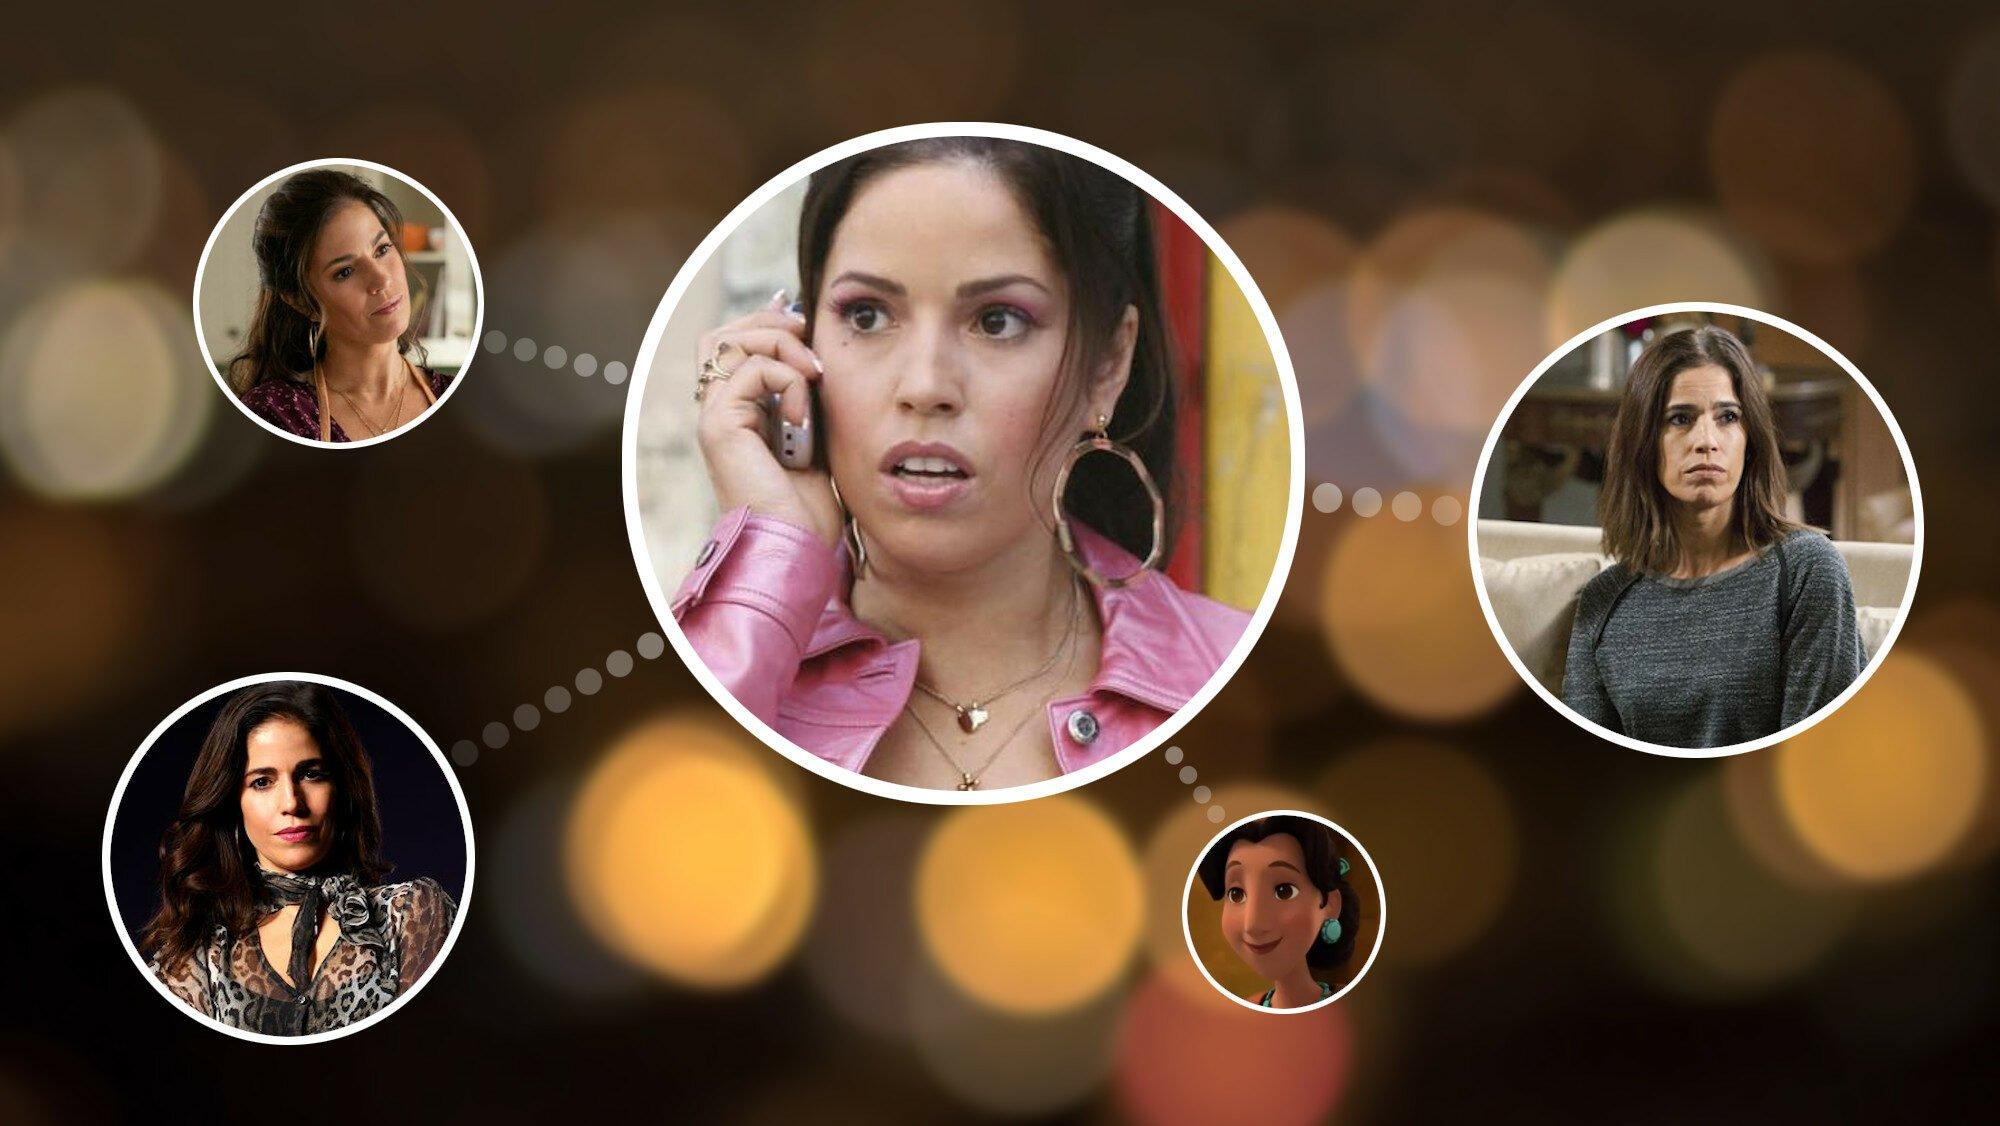 In weiteren Rollen: In welchen Serien hat Ana Ortiz mitgespielt?